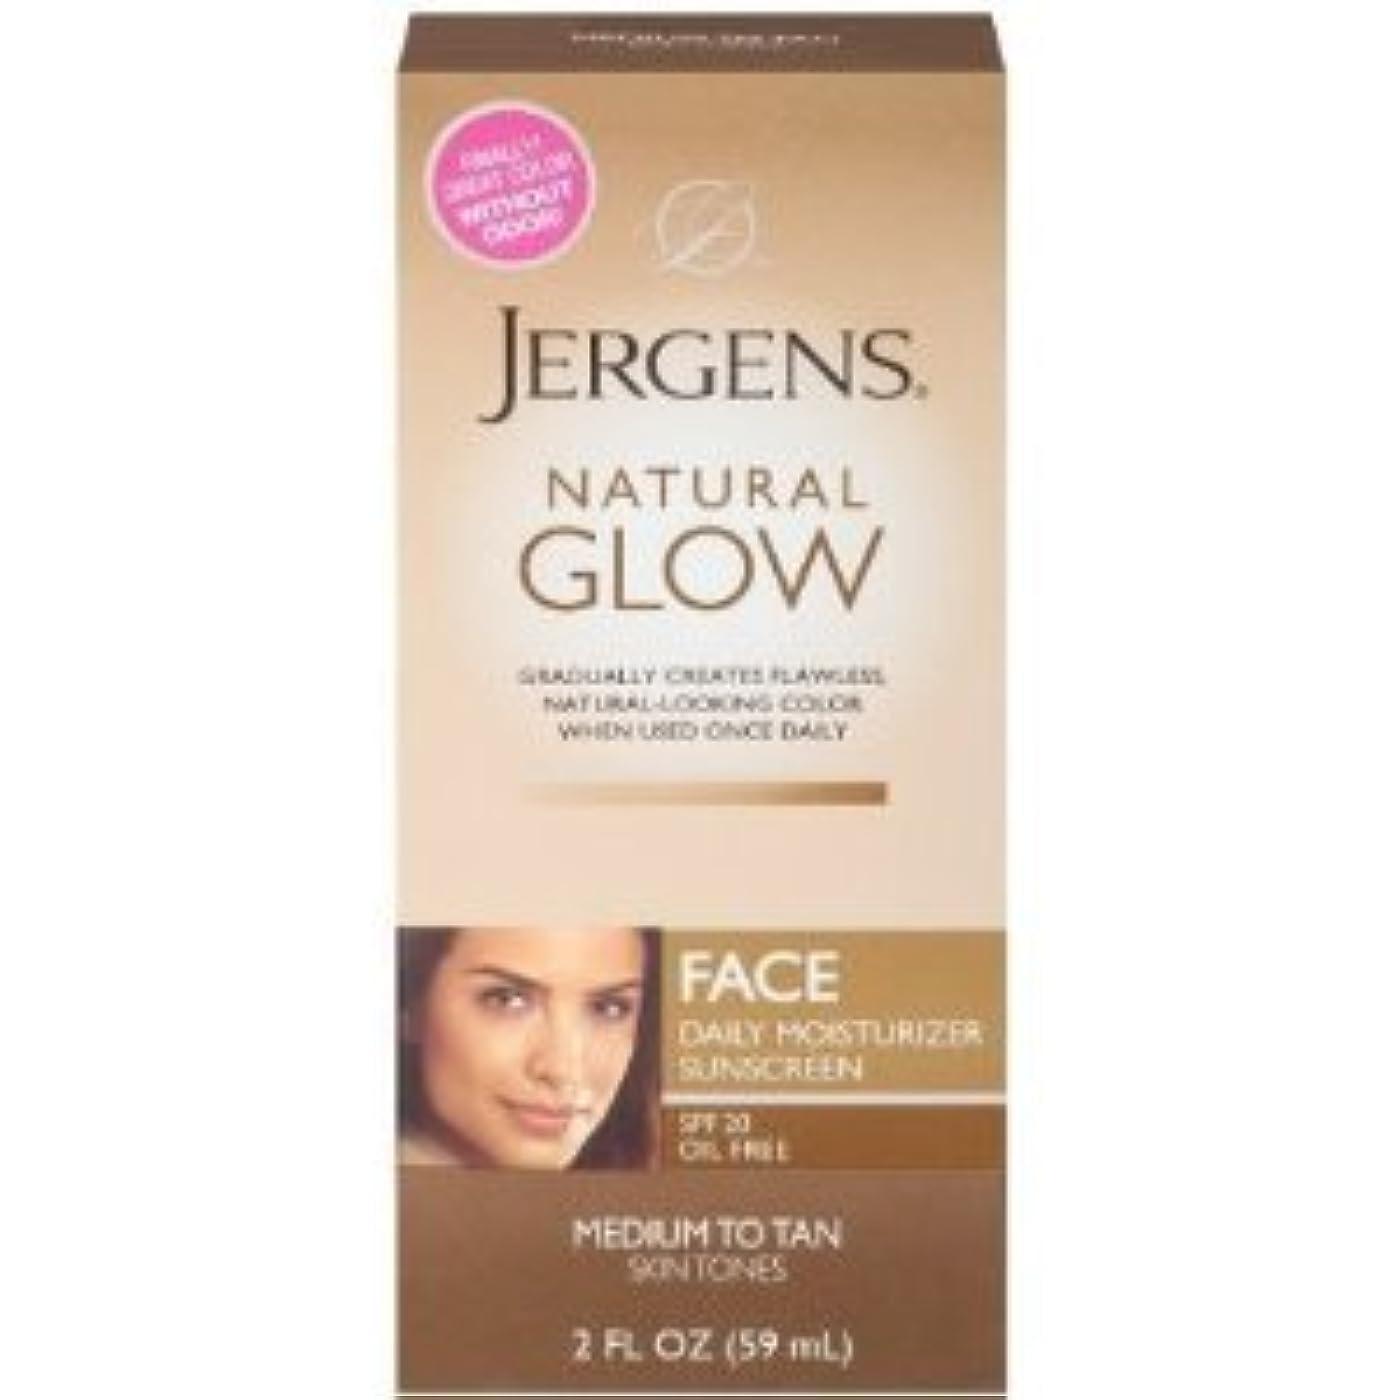 困難ダイヤモンドあなたのものNatural Glow Healthy Complexion Daily Facial Moisturizer, SPF 20, Medium to Tan, (59ml) (海外直送品)